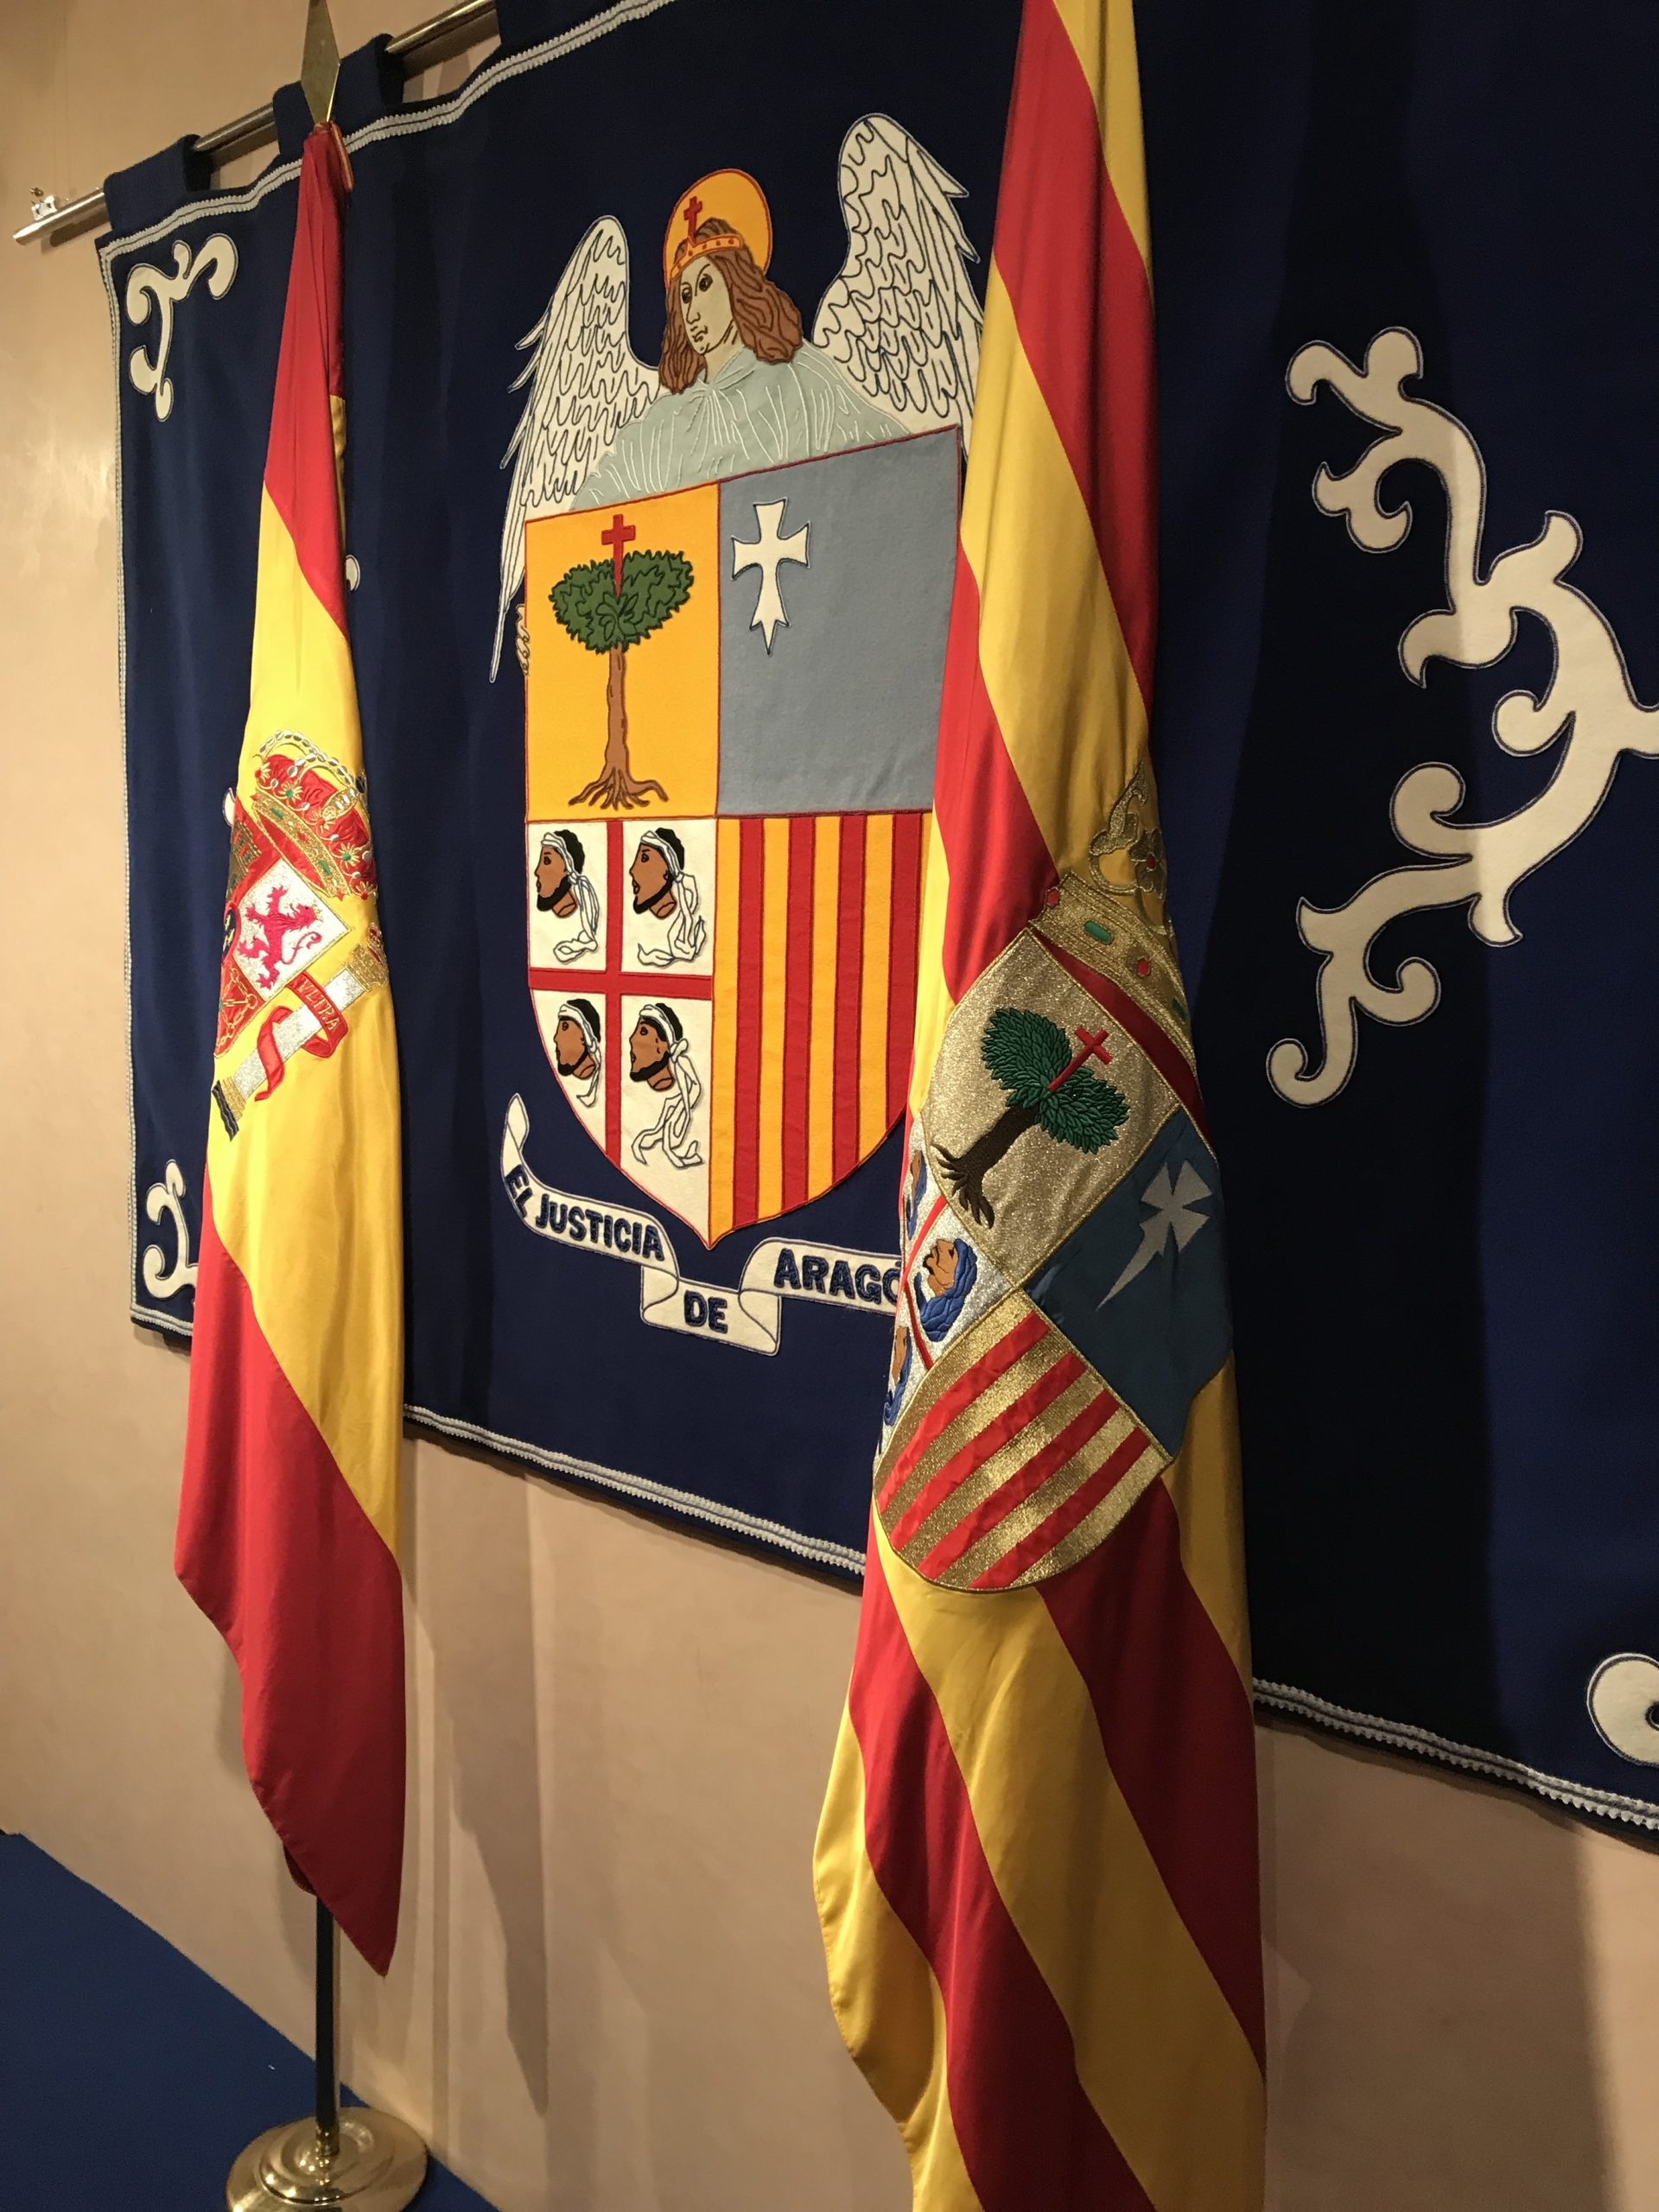 escudo justicia de aragón en tela